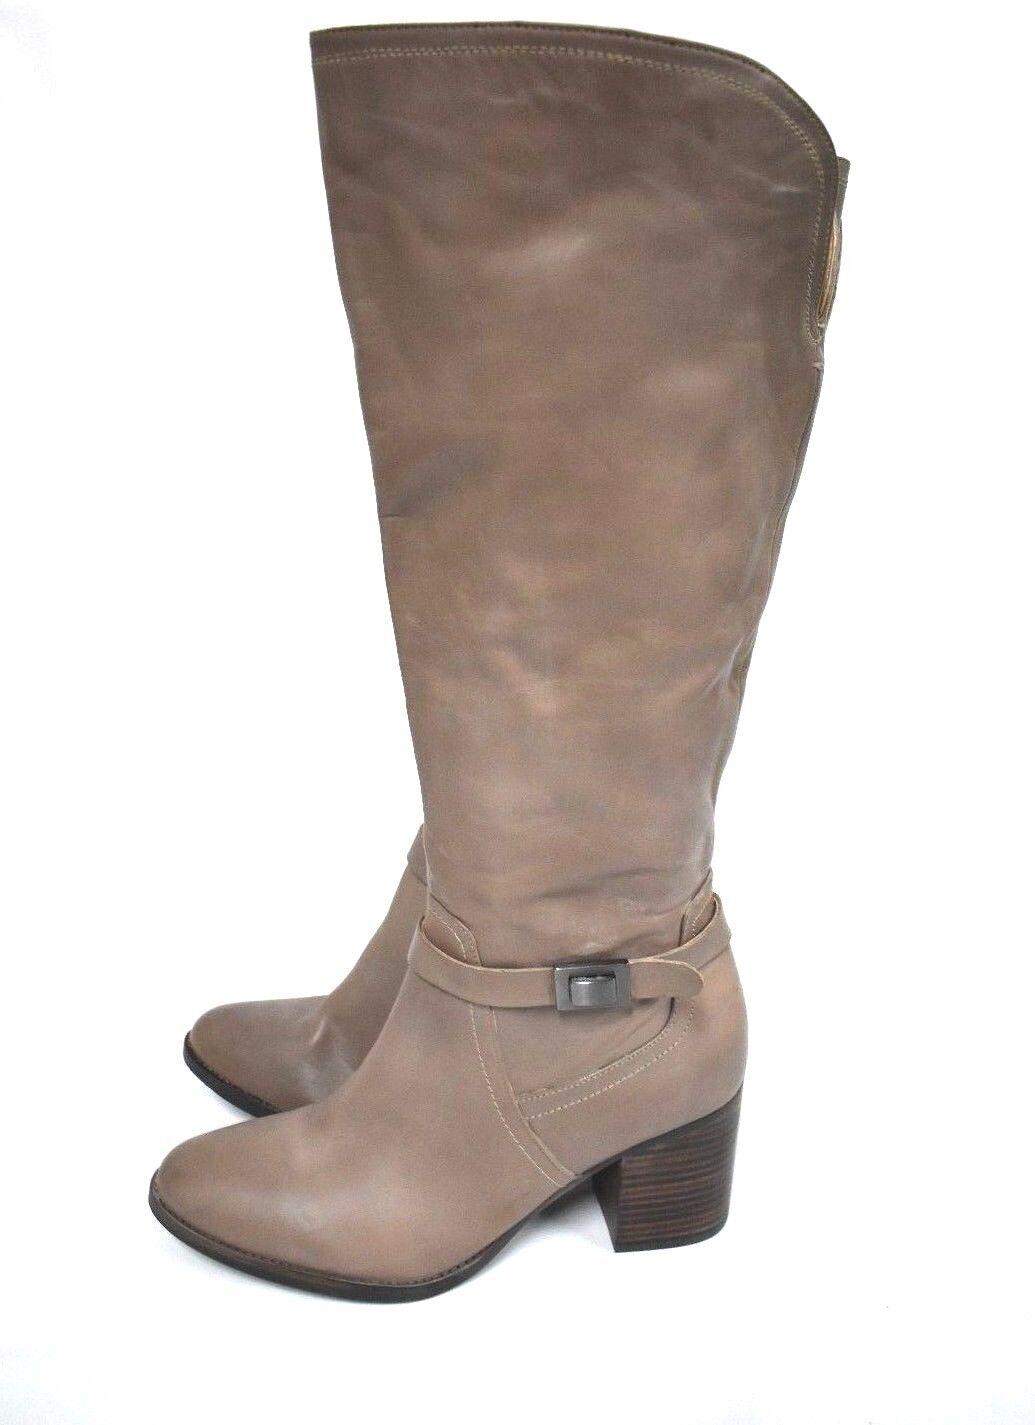 NEU Franco Sarto Damen 'Annie' taupe Blockabsatz hoher Stiefel Kniehohe 11